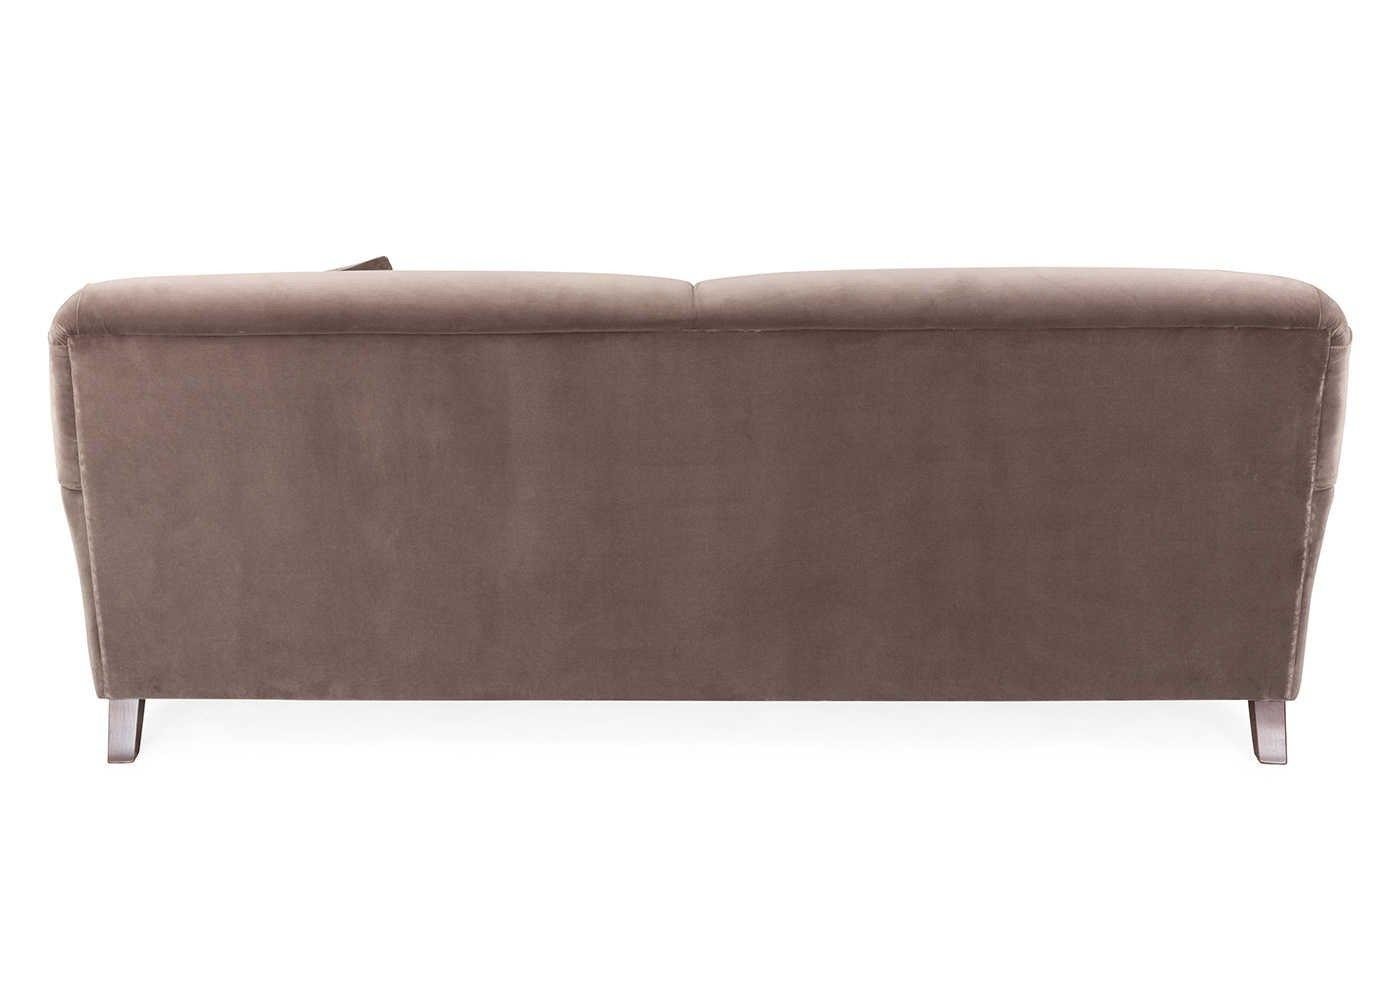 Hampstead 4 Seater Sofa – 4 Seater Sofa – Sofas Pertaining To 4 Seat Sofas (View 17 of 20)